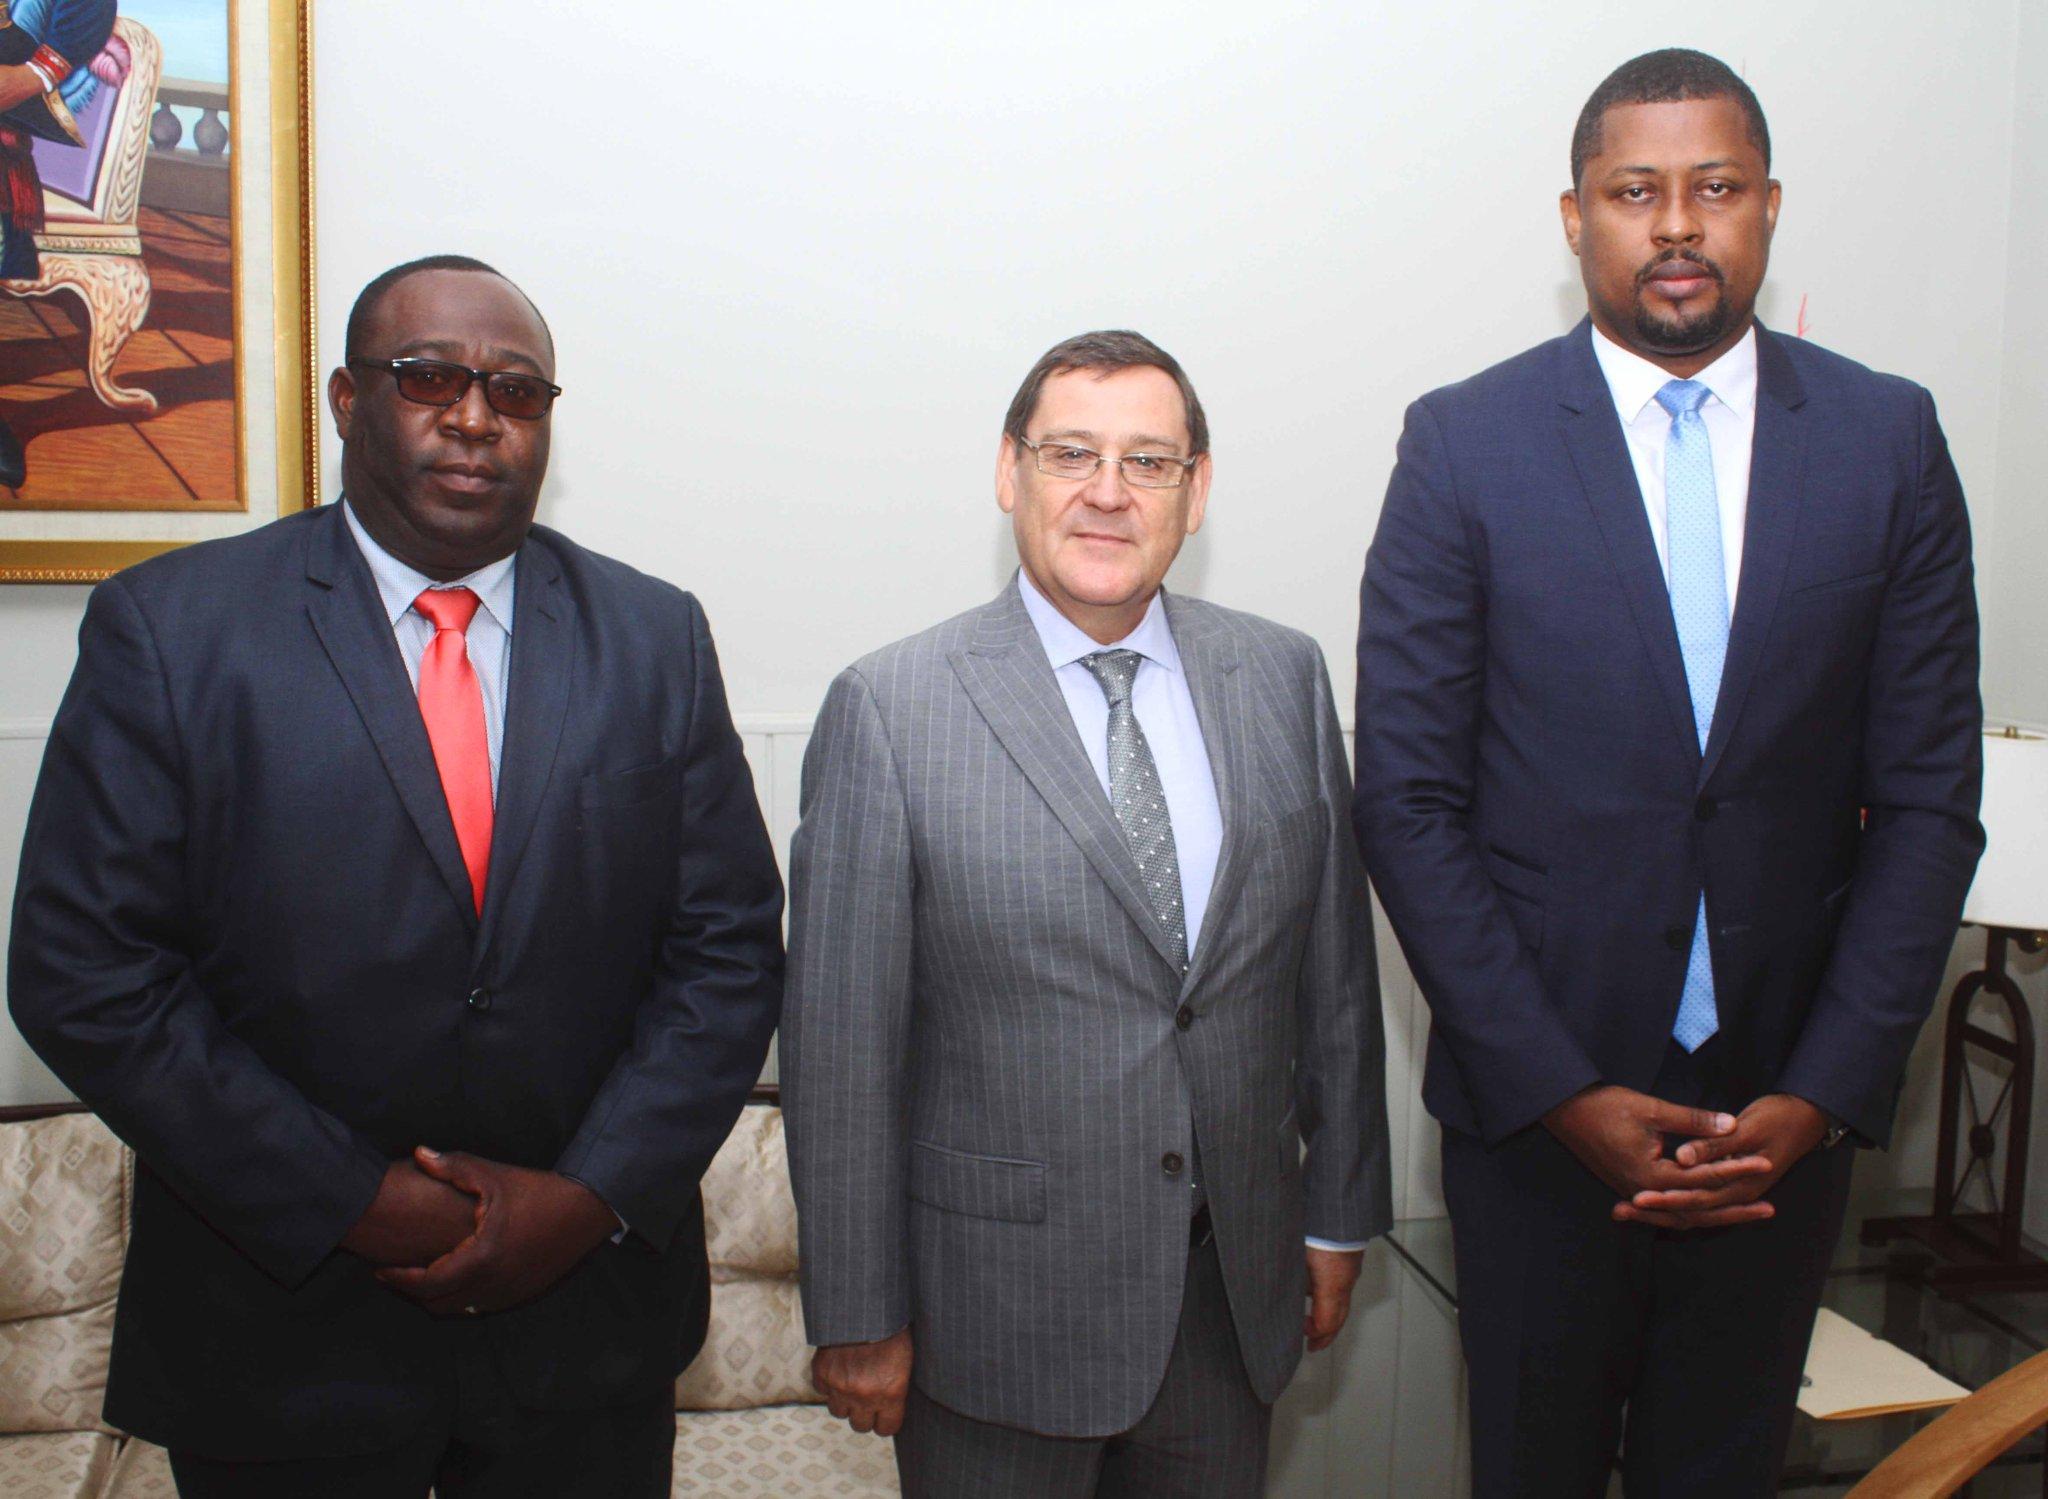 Le Président de la Chambre des Députés, l'Honorable Gary BODEAU ainsi que le Questeur, l'Honorable BERNARD Anouce ont reçu  le mardi 6 Février 2018 au parlement, la visite de courtoisie de l'Ambassadeur du Chili en Haiti, M. Patricio Utreras/ Photo: Twitter Gary Bodeau